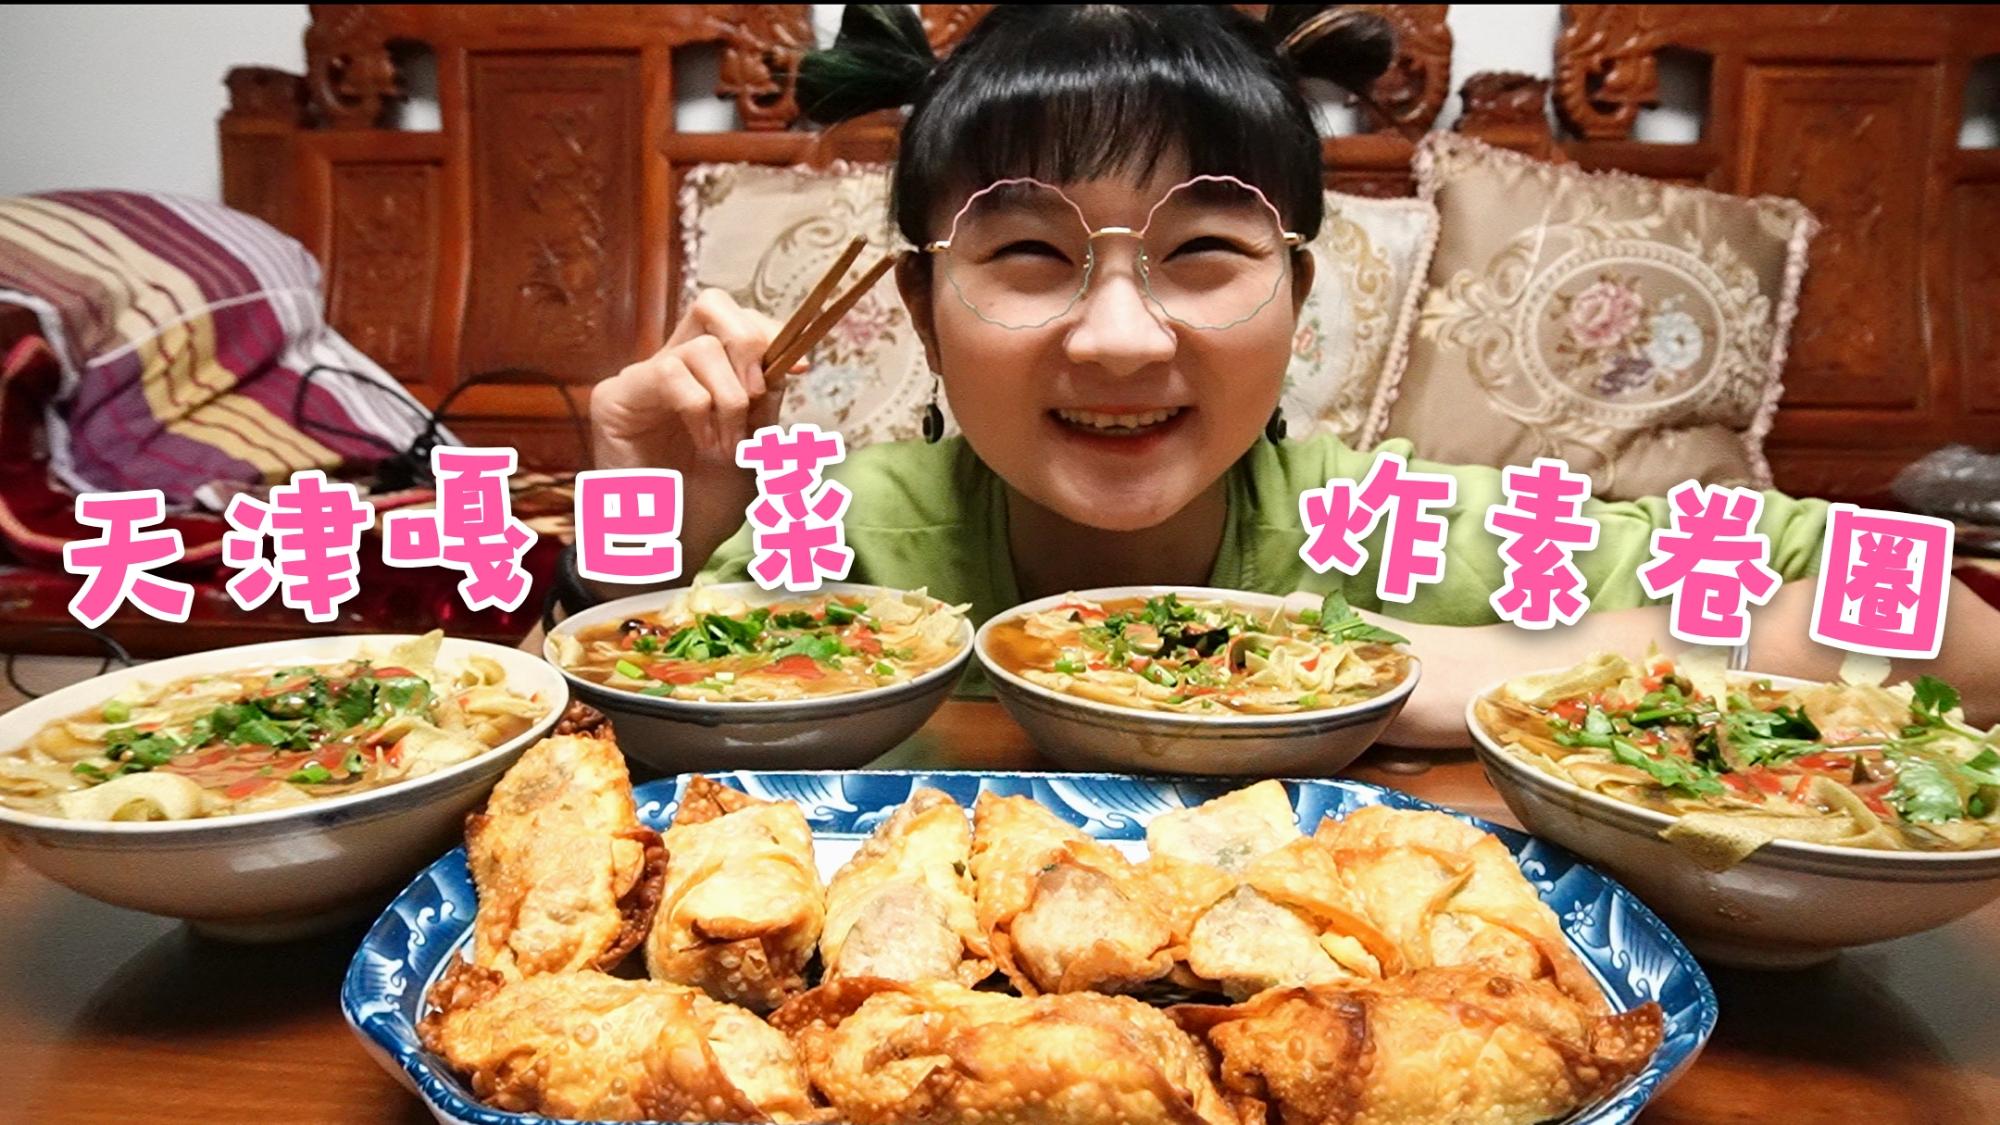 【小猪猪的vlog】宅家自制正经嘎巴菜和勉强版卷圈,酥脆酥脆酥脆